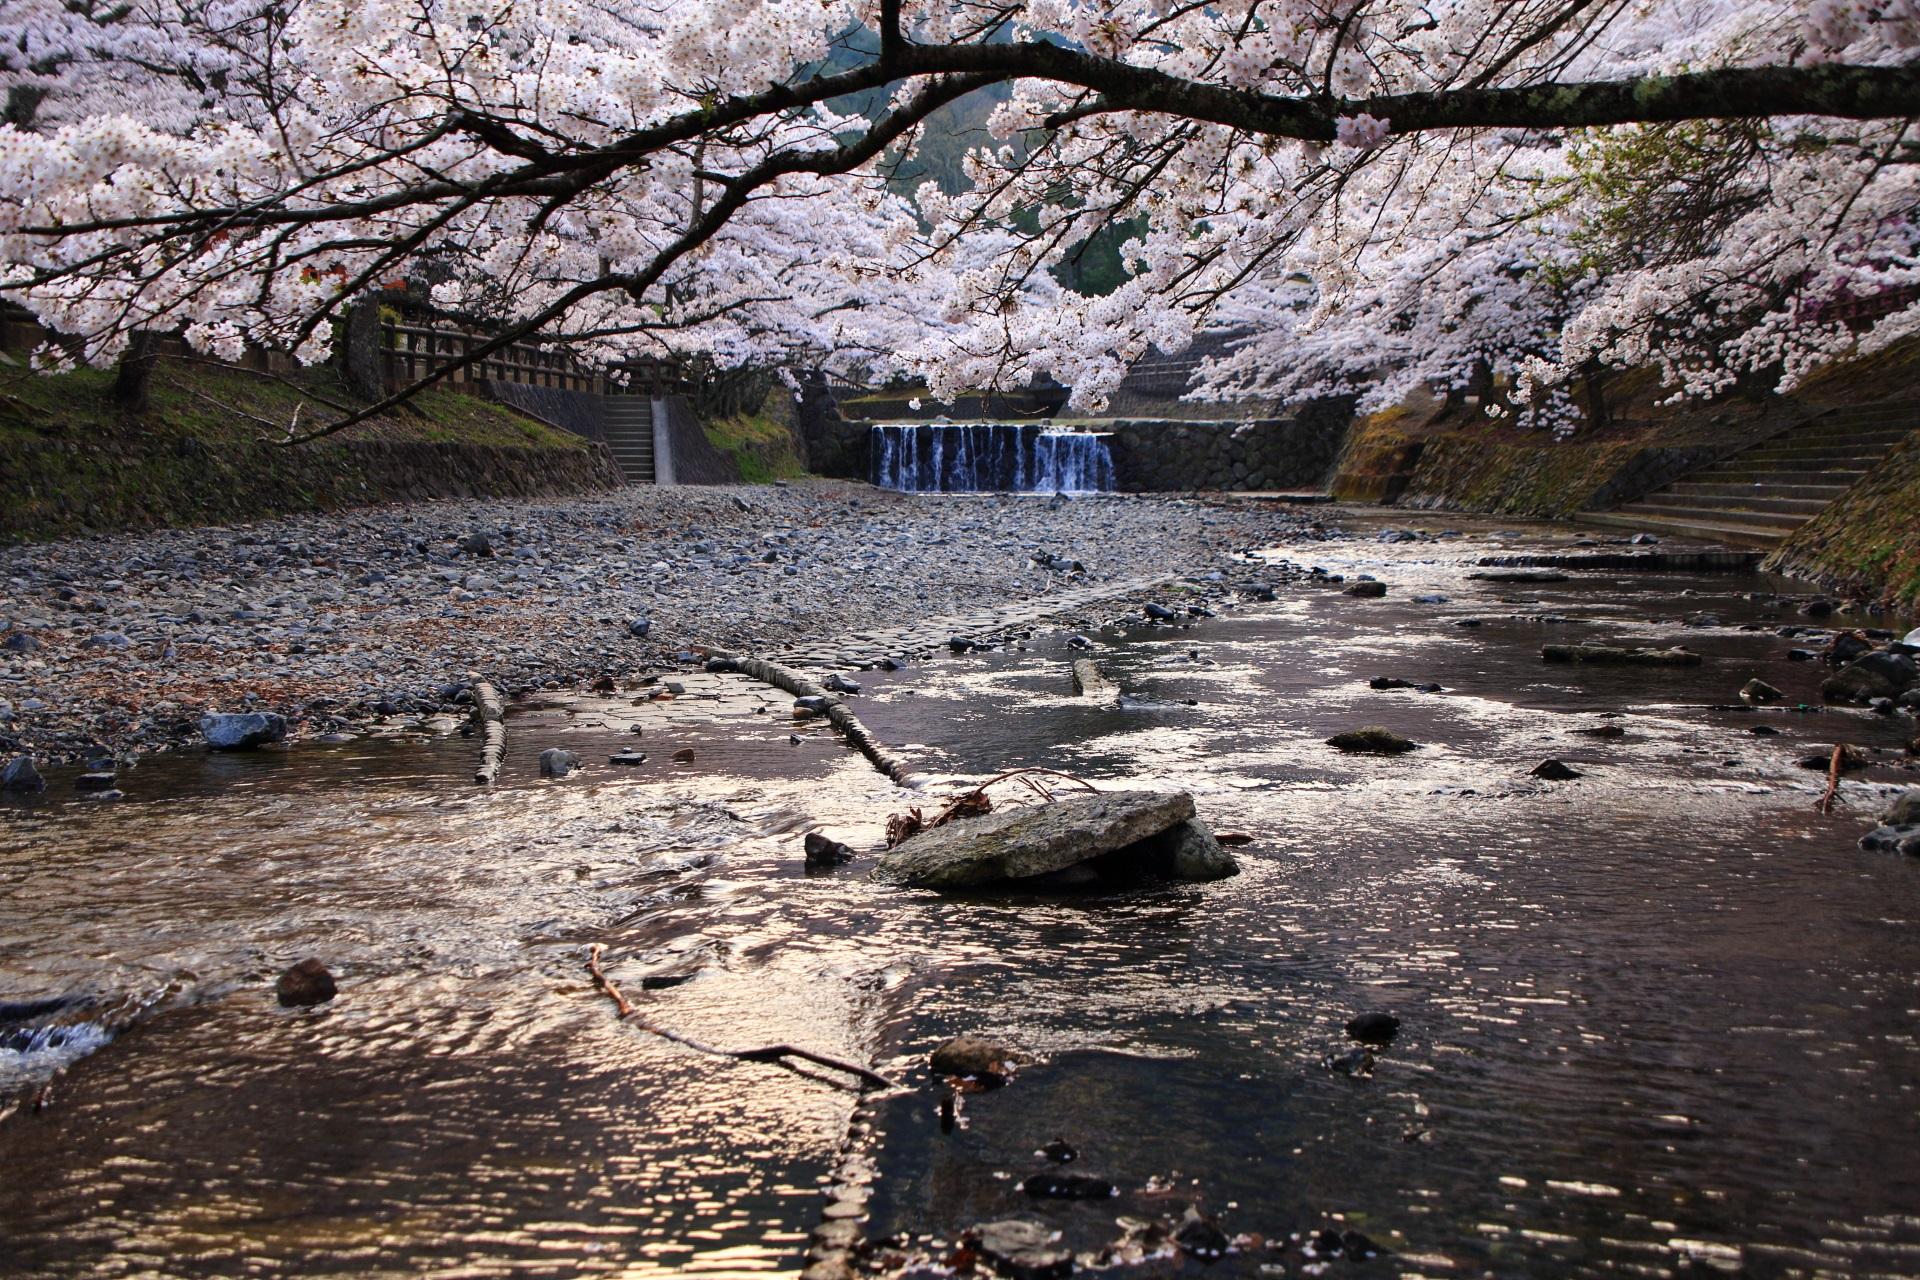 七谷川の水面を覆う美しい桜